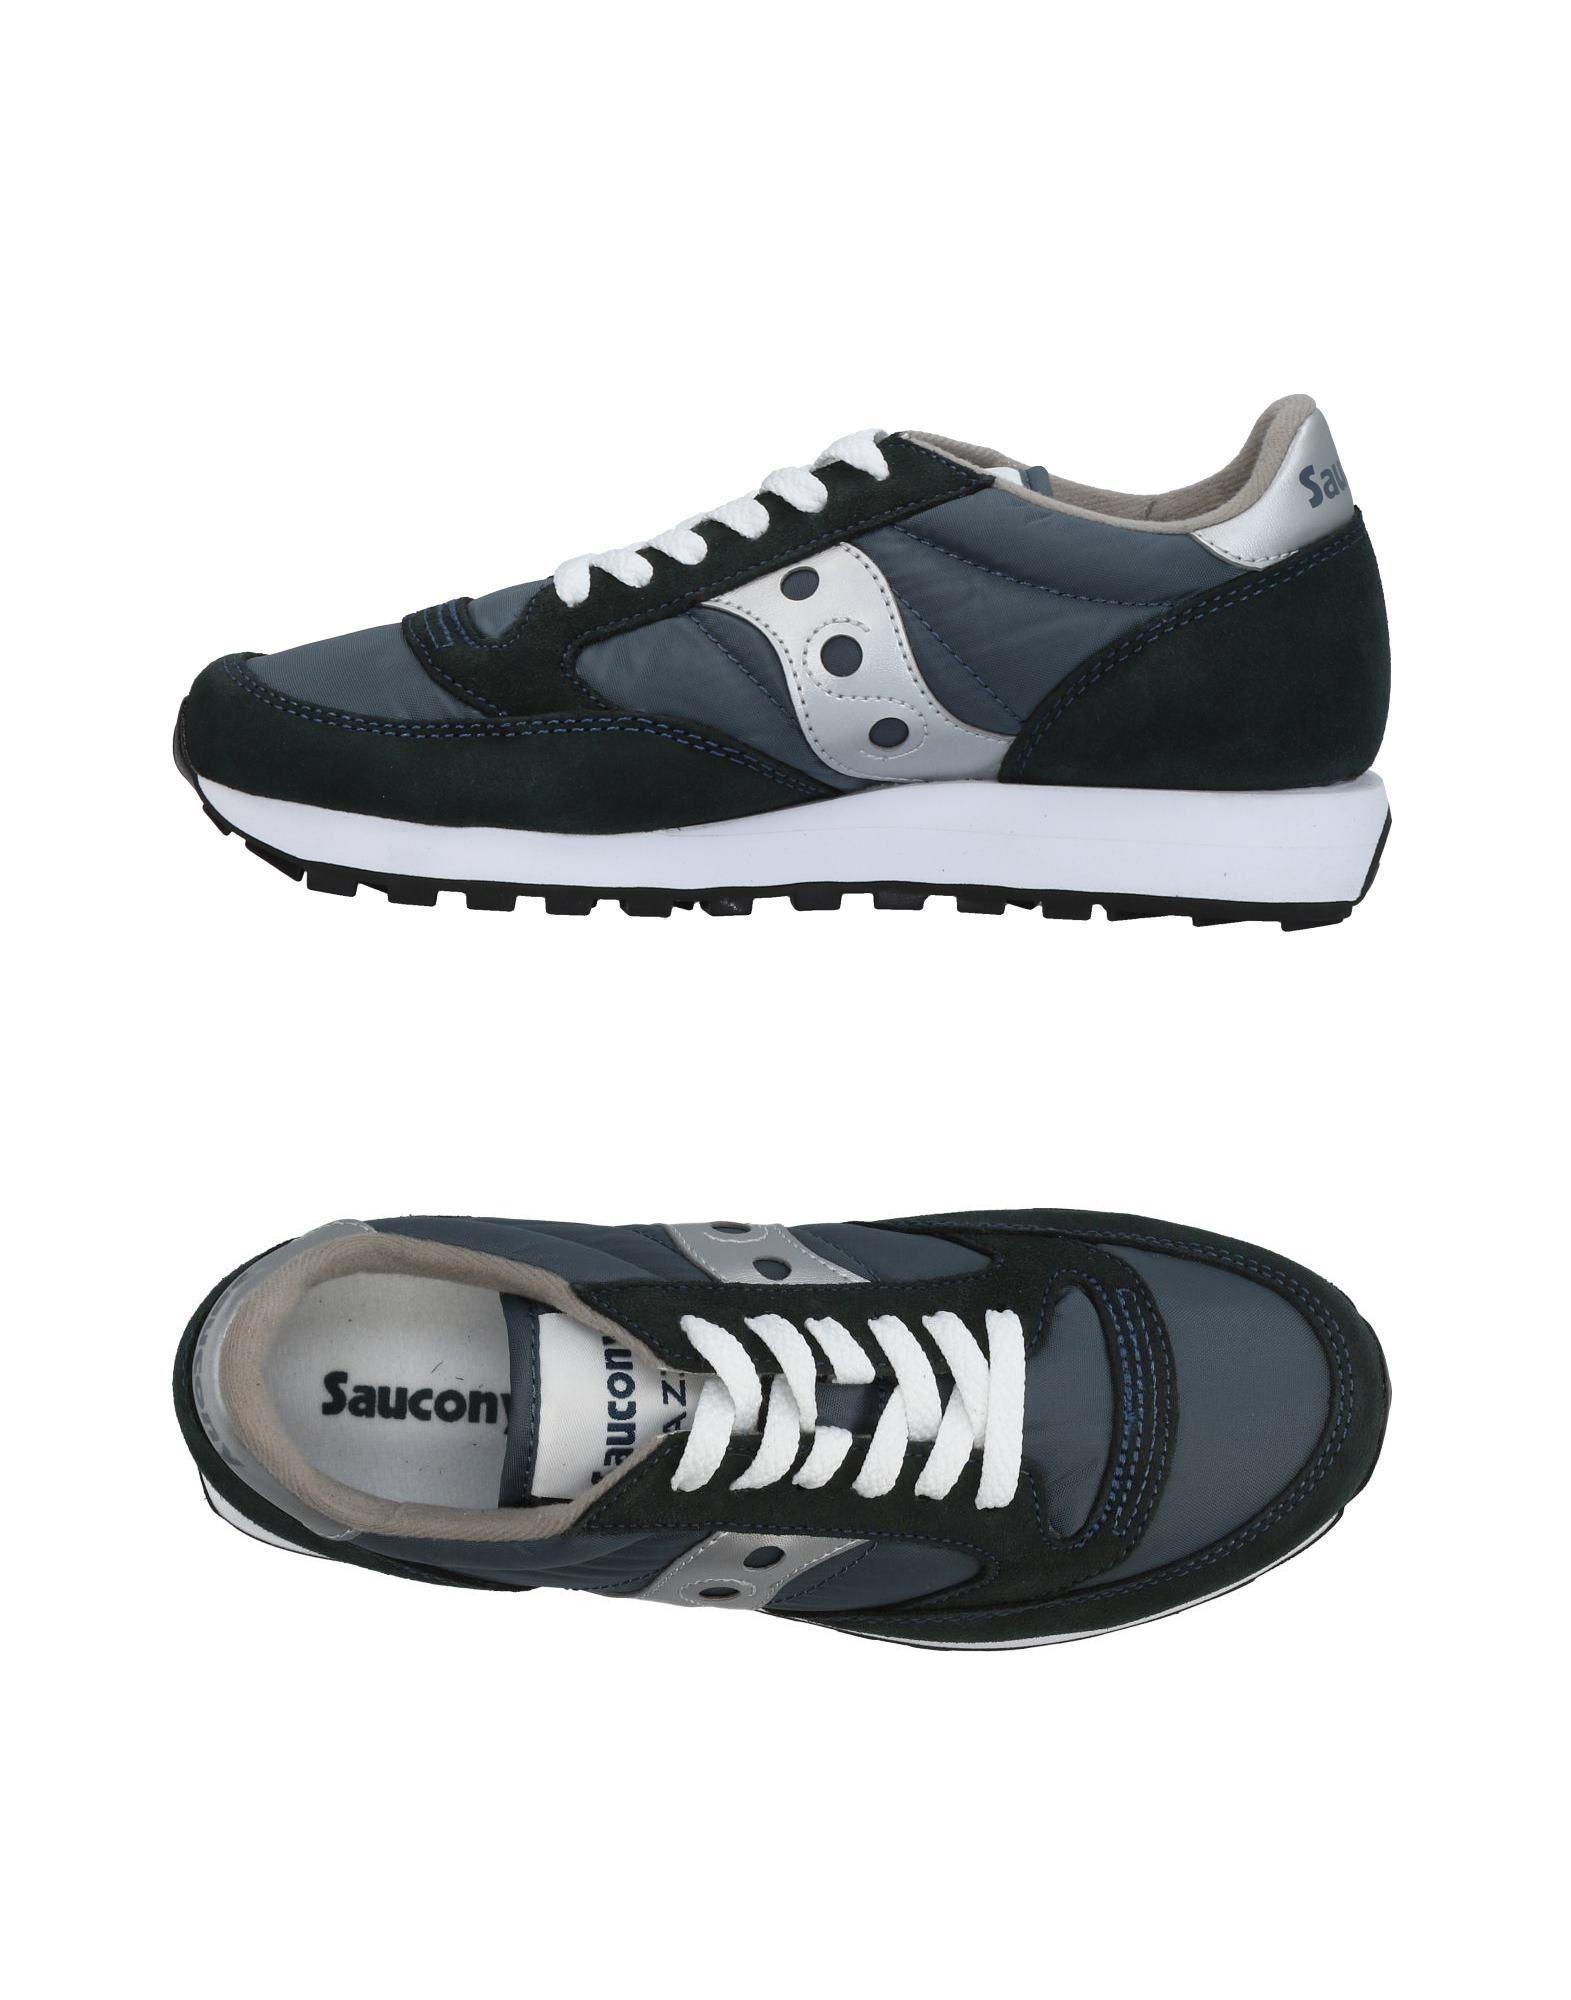 Saucony Sneakers In Dark Blue